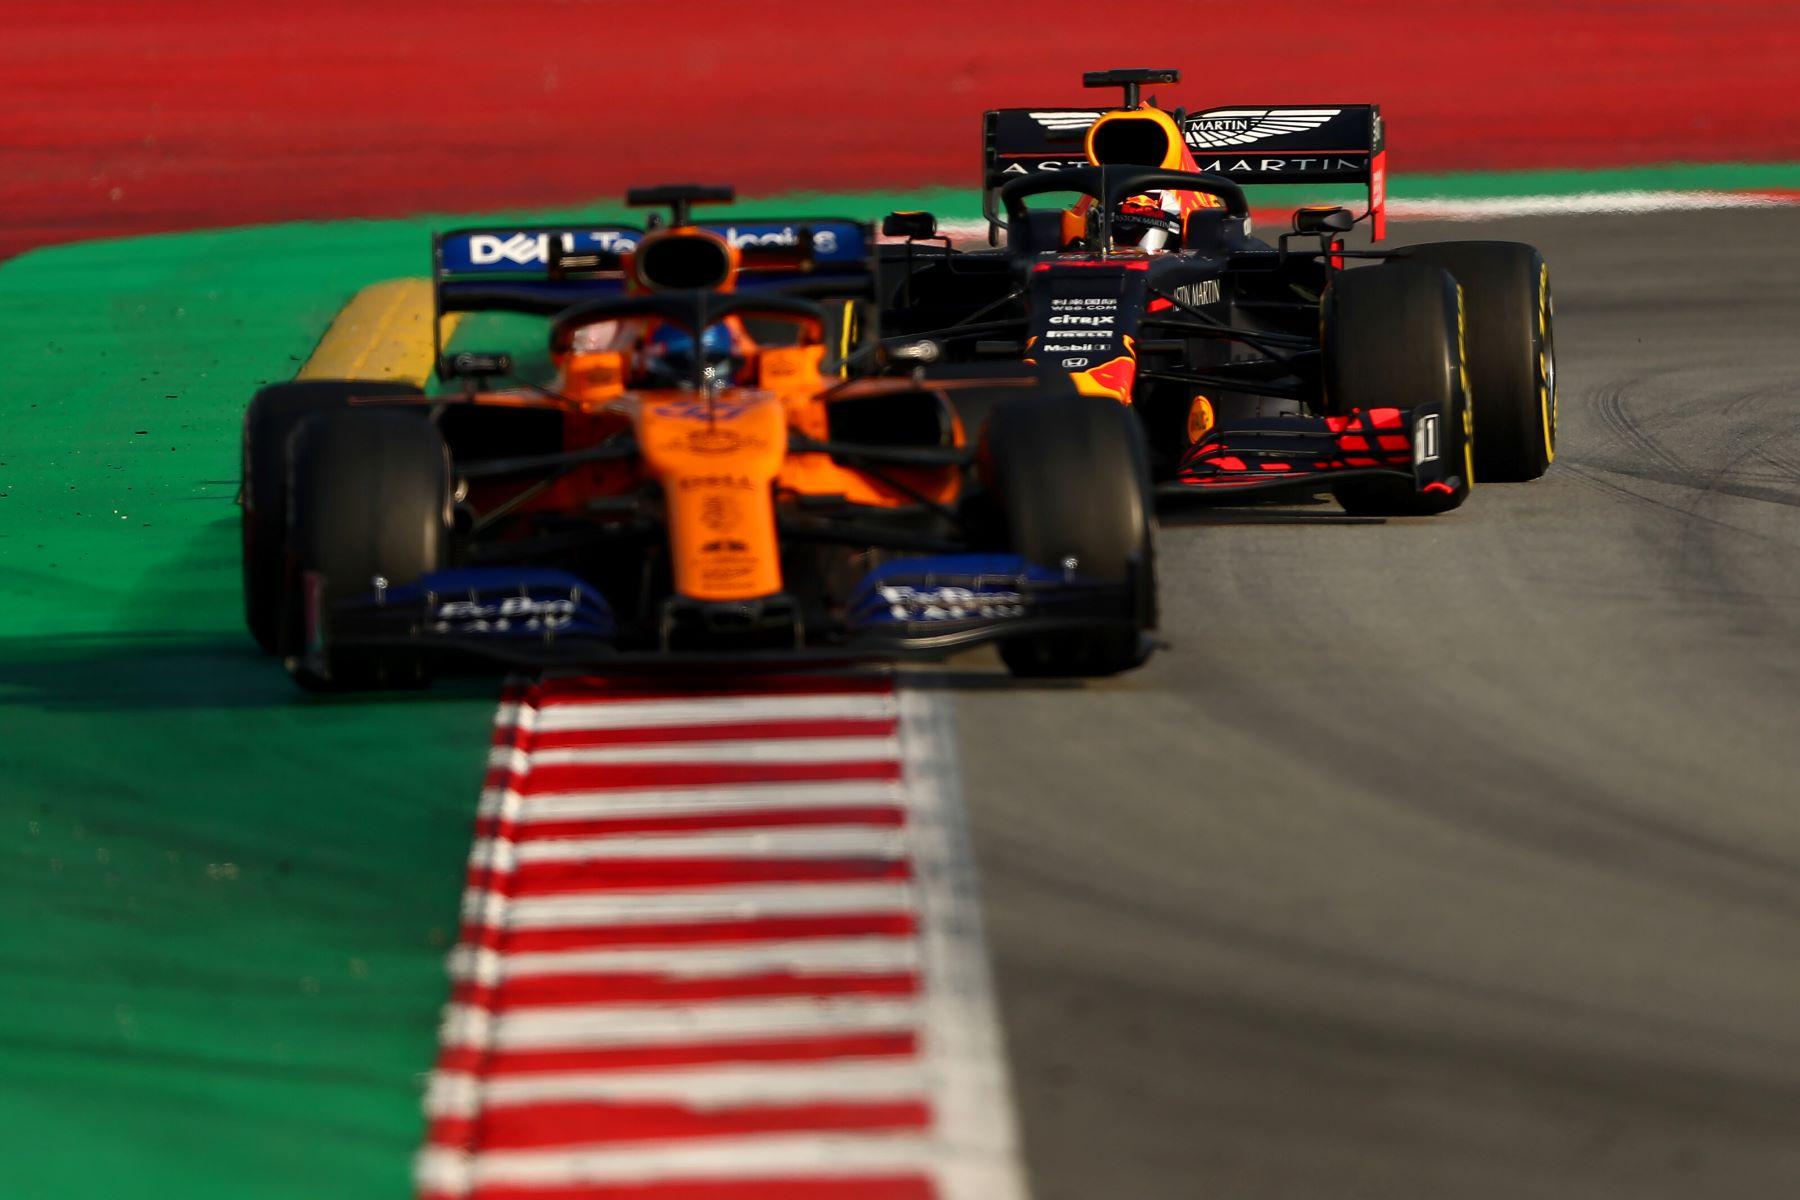 Втор ден од вториот зимски тест и повторно доминација на McLaren